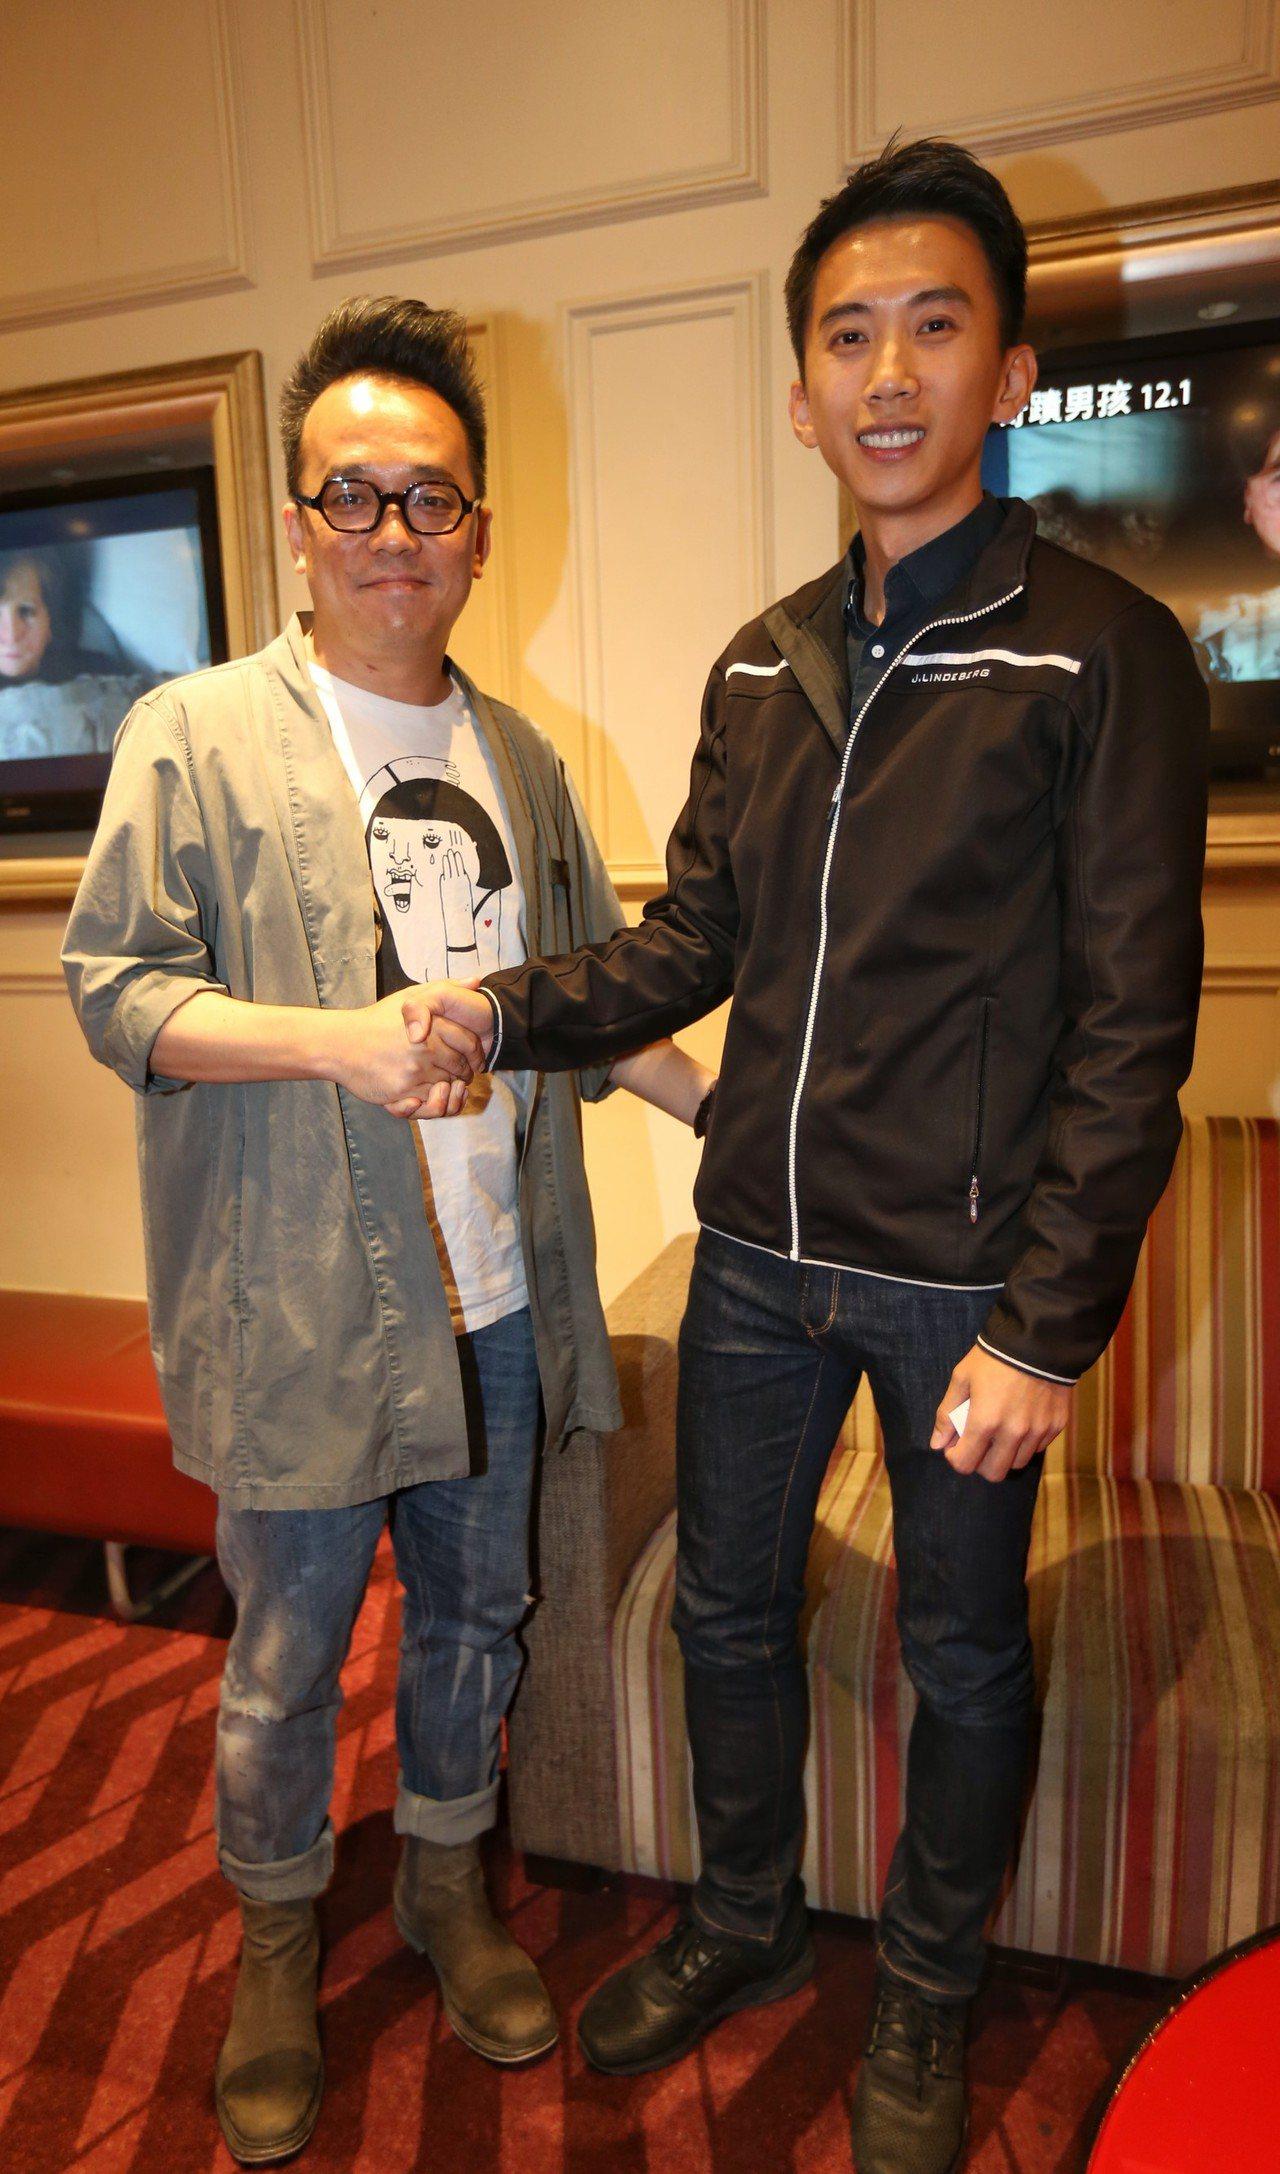 翻滾系列的導演林育賢(左)和天創總經理鄭少武相見歡。 圖/天創提供